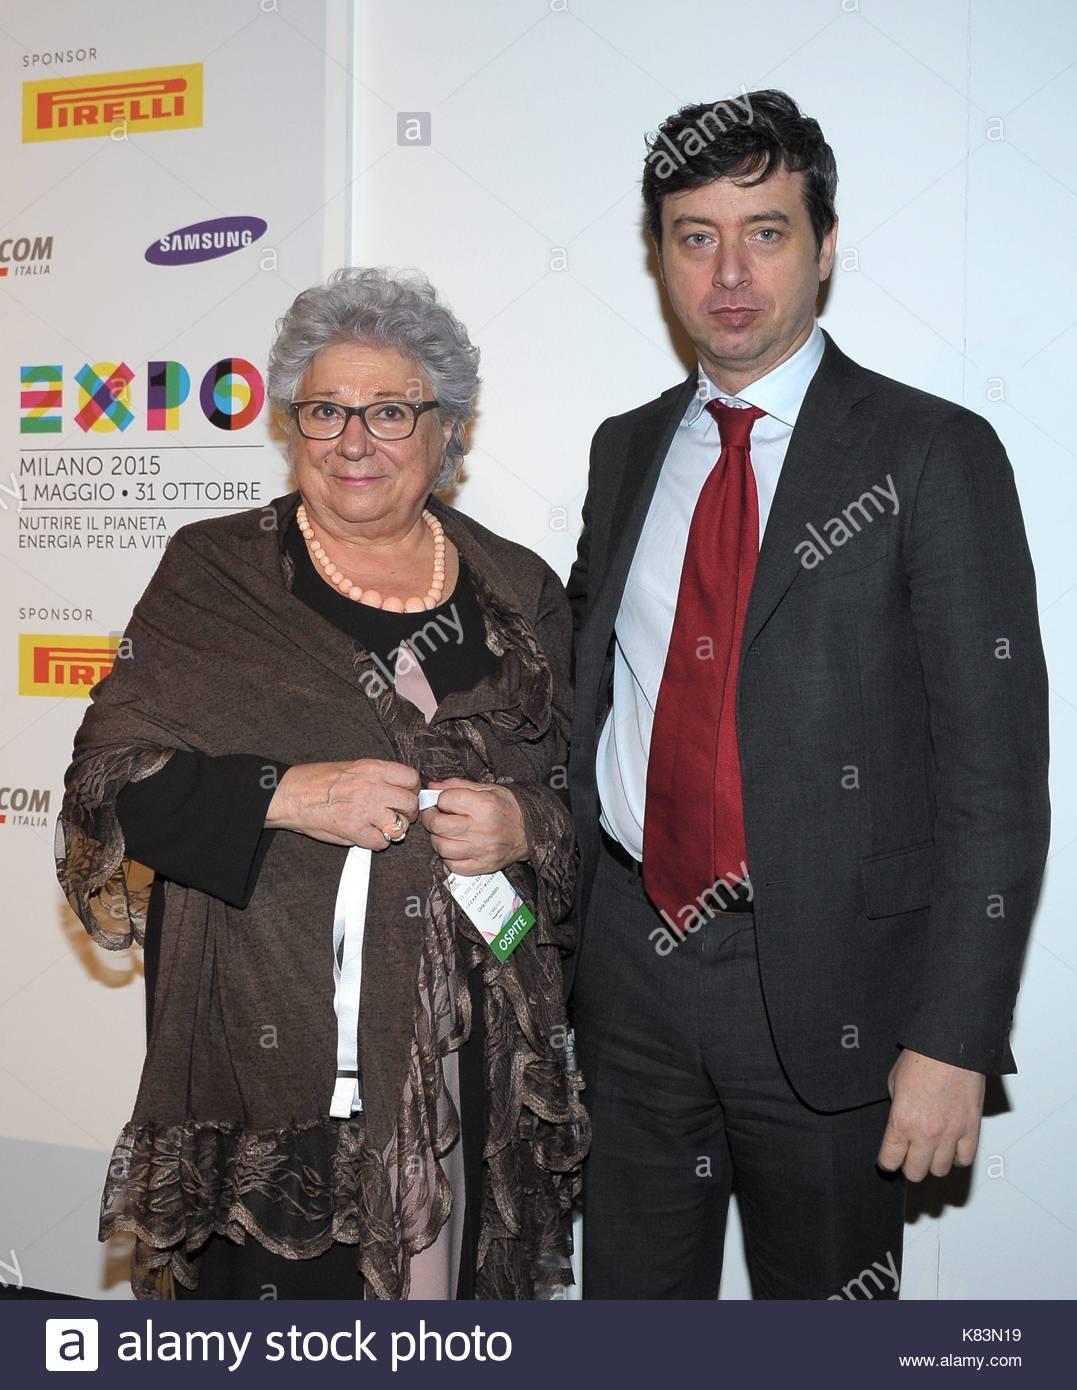 Andrea Orlando Ministro Della Giustiza E Livia Pomodoro Presidente